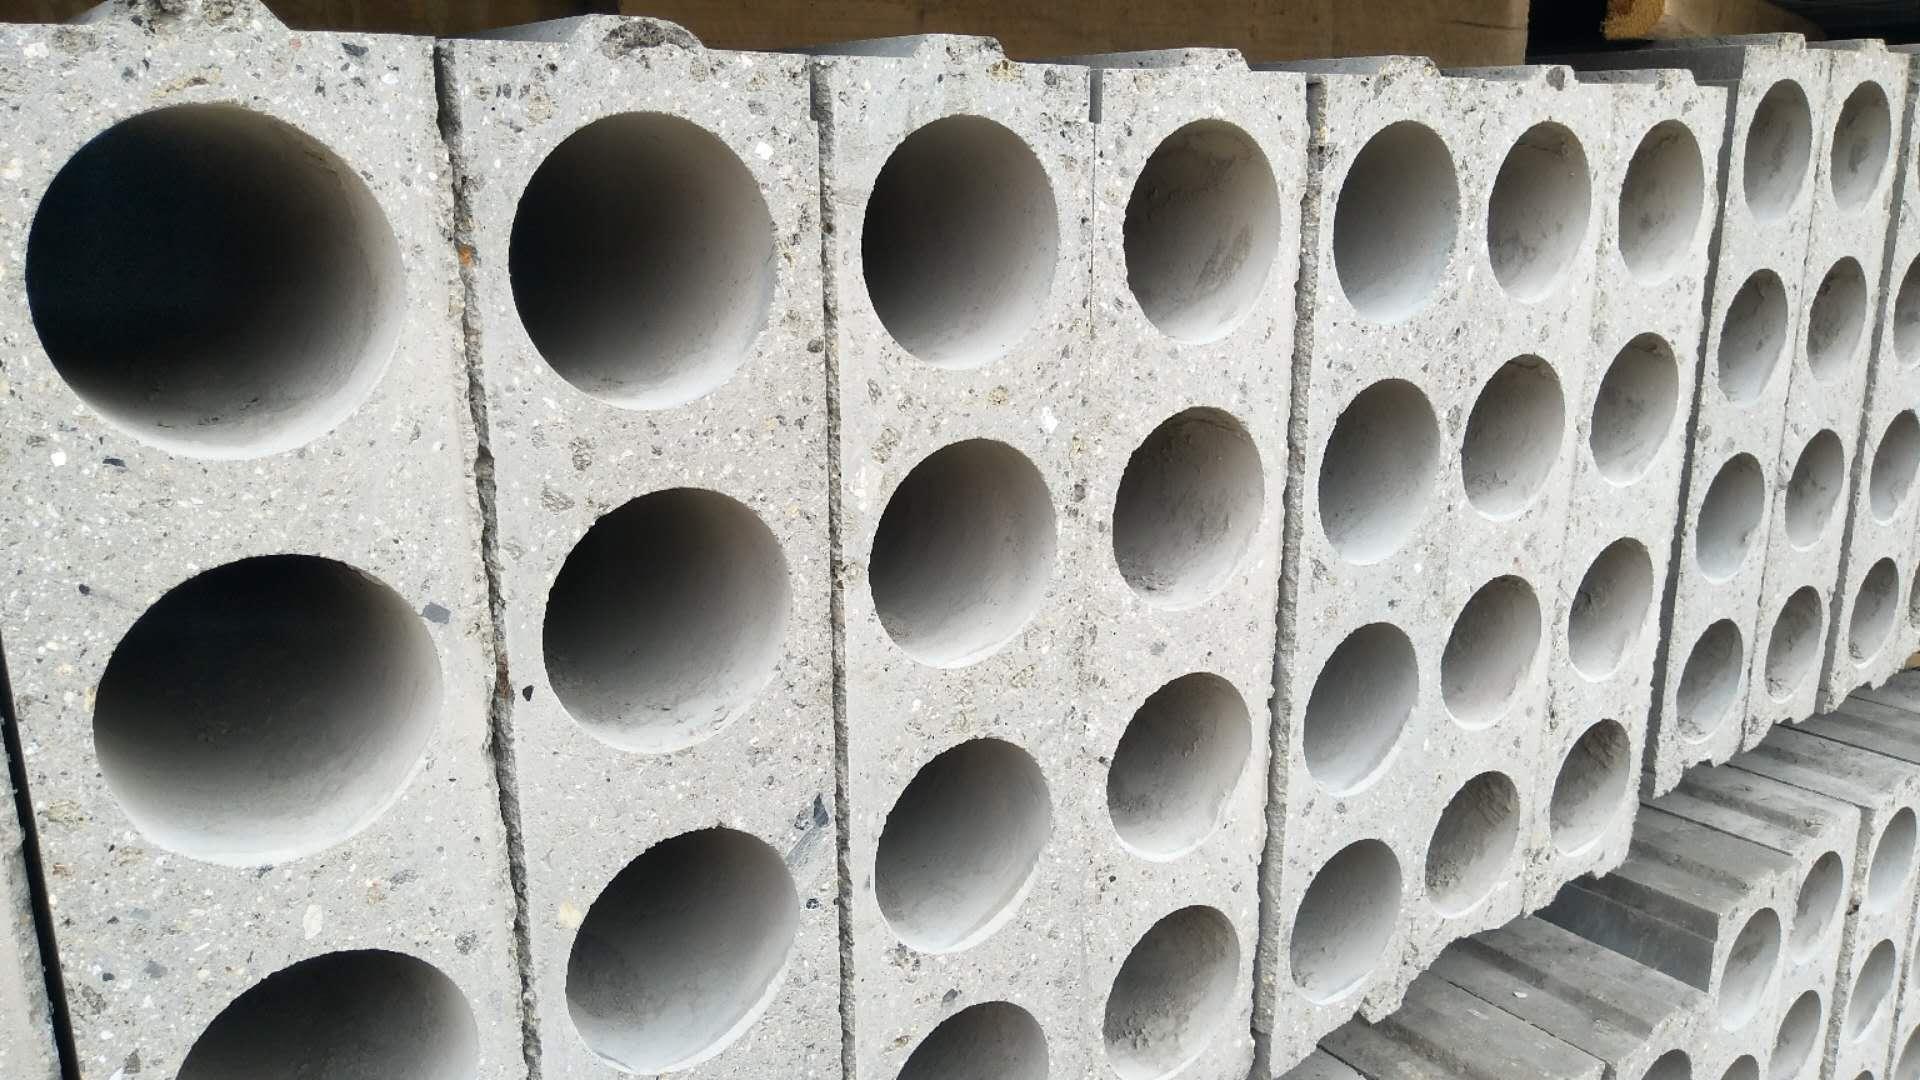 钦州轻质隔墙板 诚心为您推荐南宁地区销量好的   -钦州轻质隔墙板